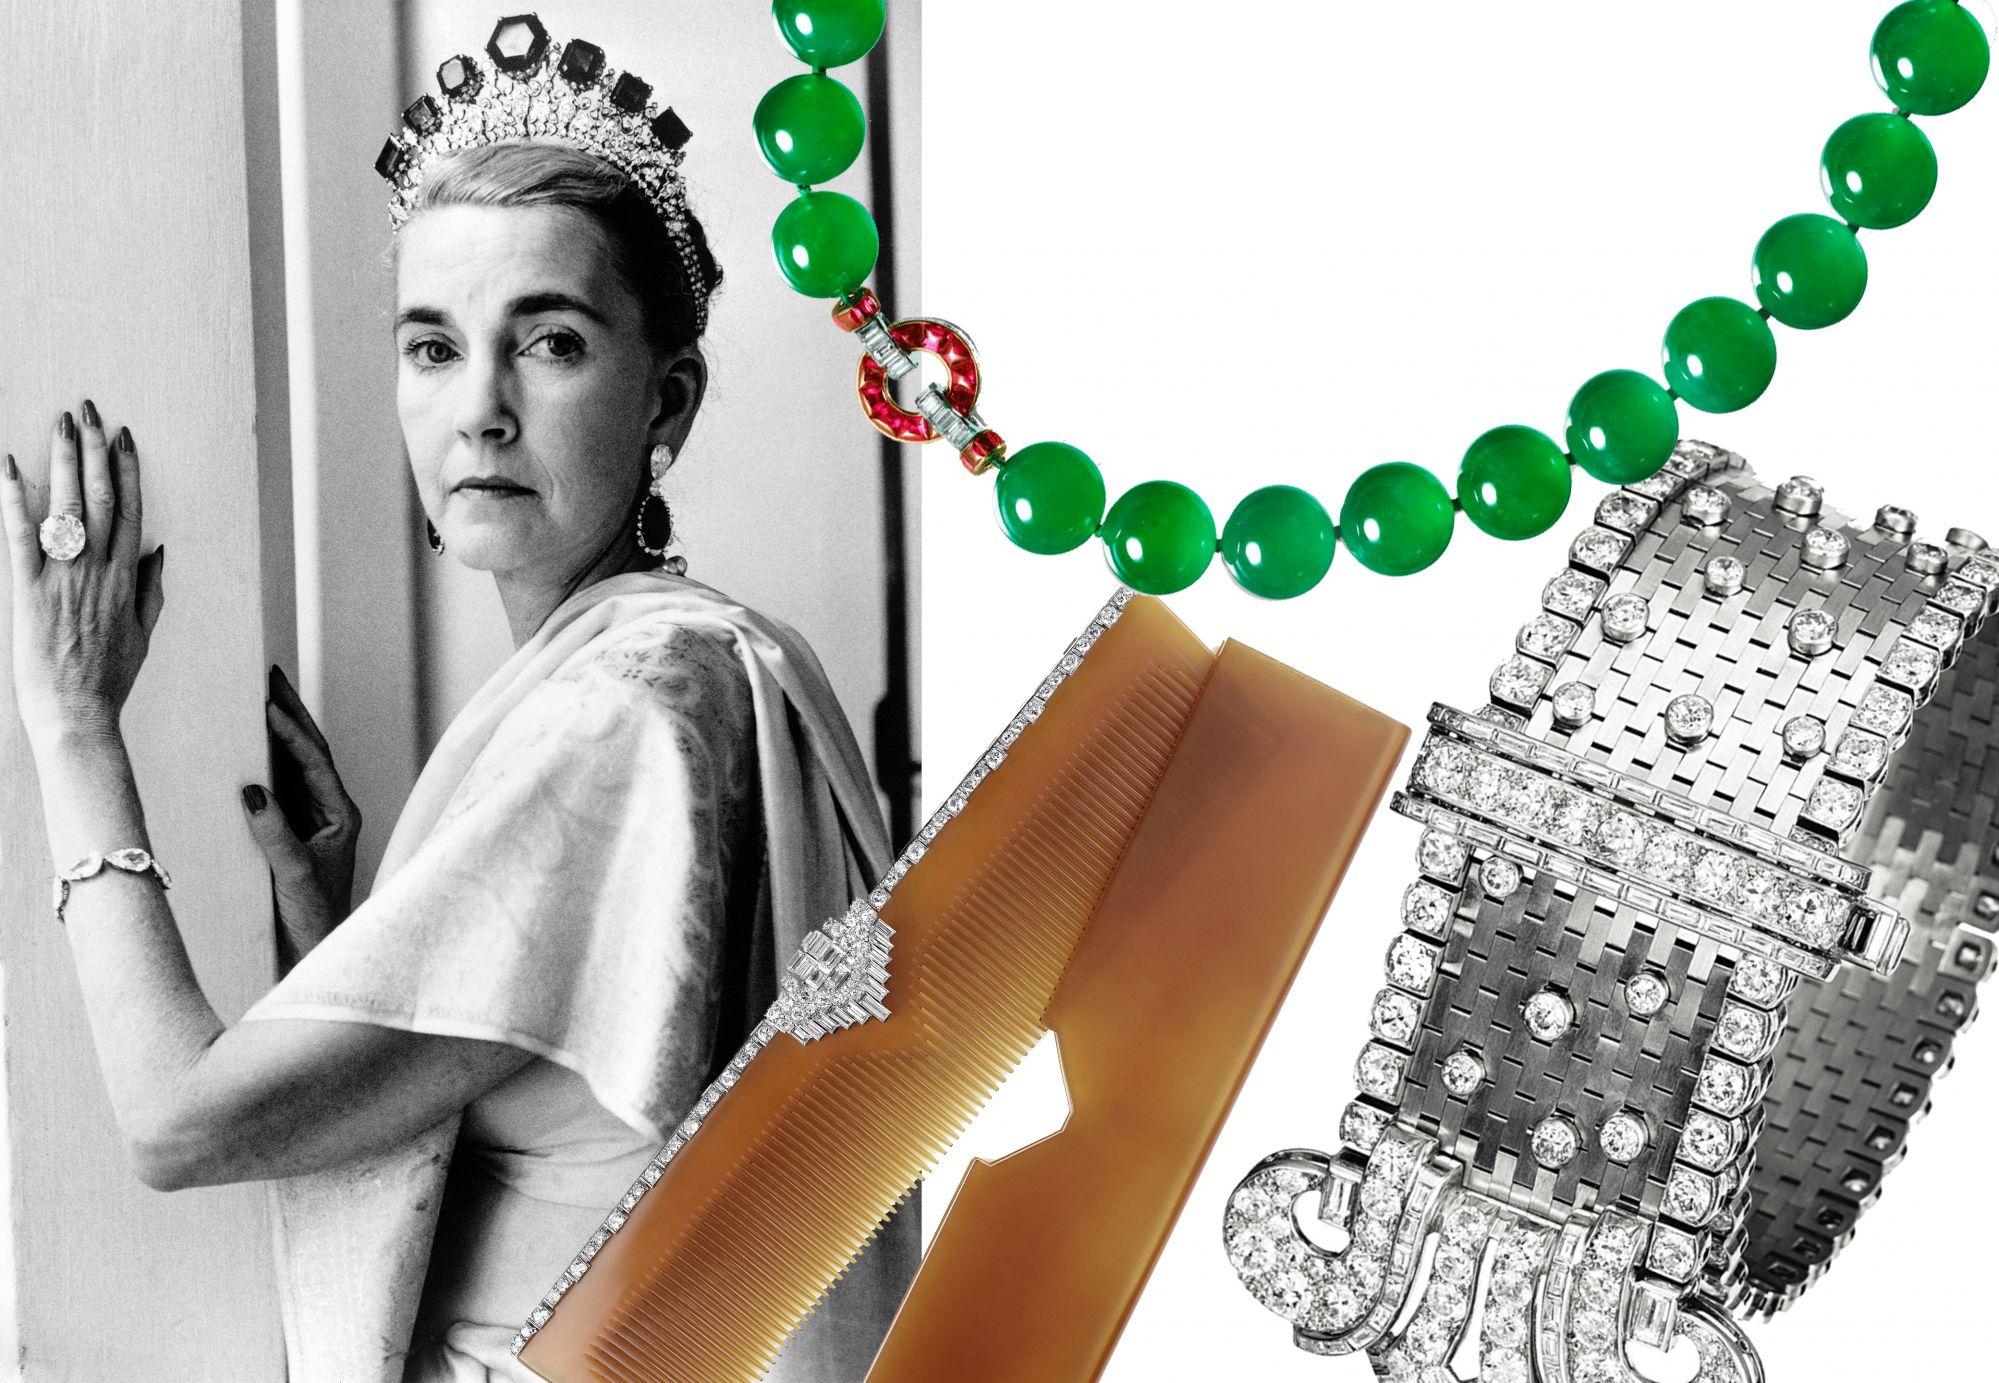 傳奇名媛芭芭拉赫頓的珠寶珍藏,鑽石髮梳、象牙相框⋯⋯每一件都是博物館等級臻品!